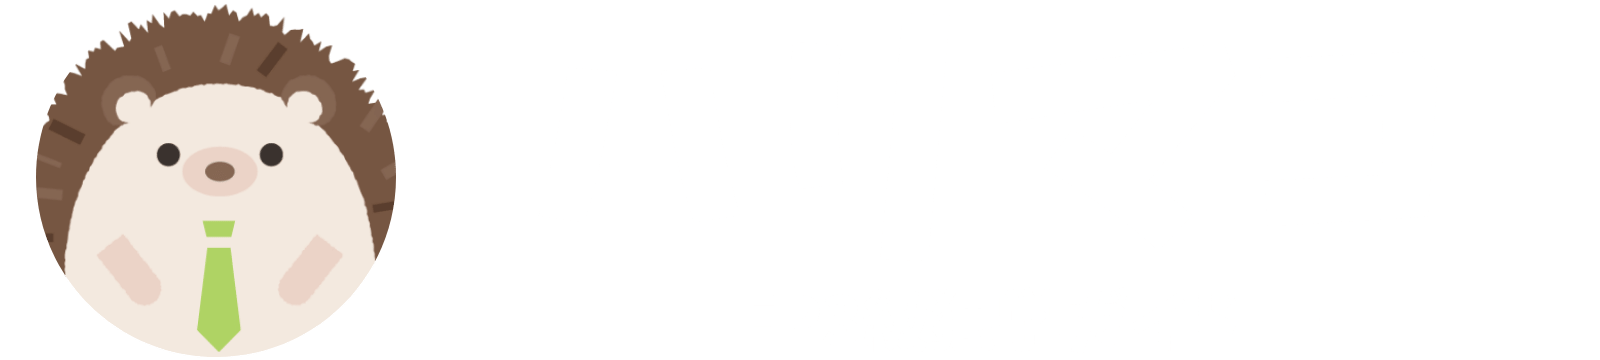 ハリマコ | FP3級独学ガイド